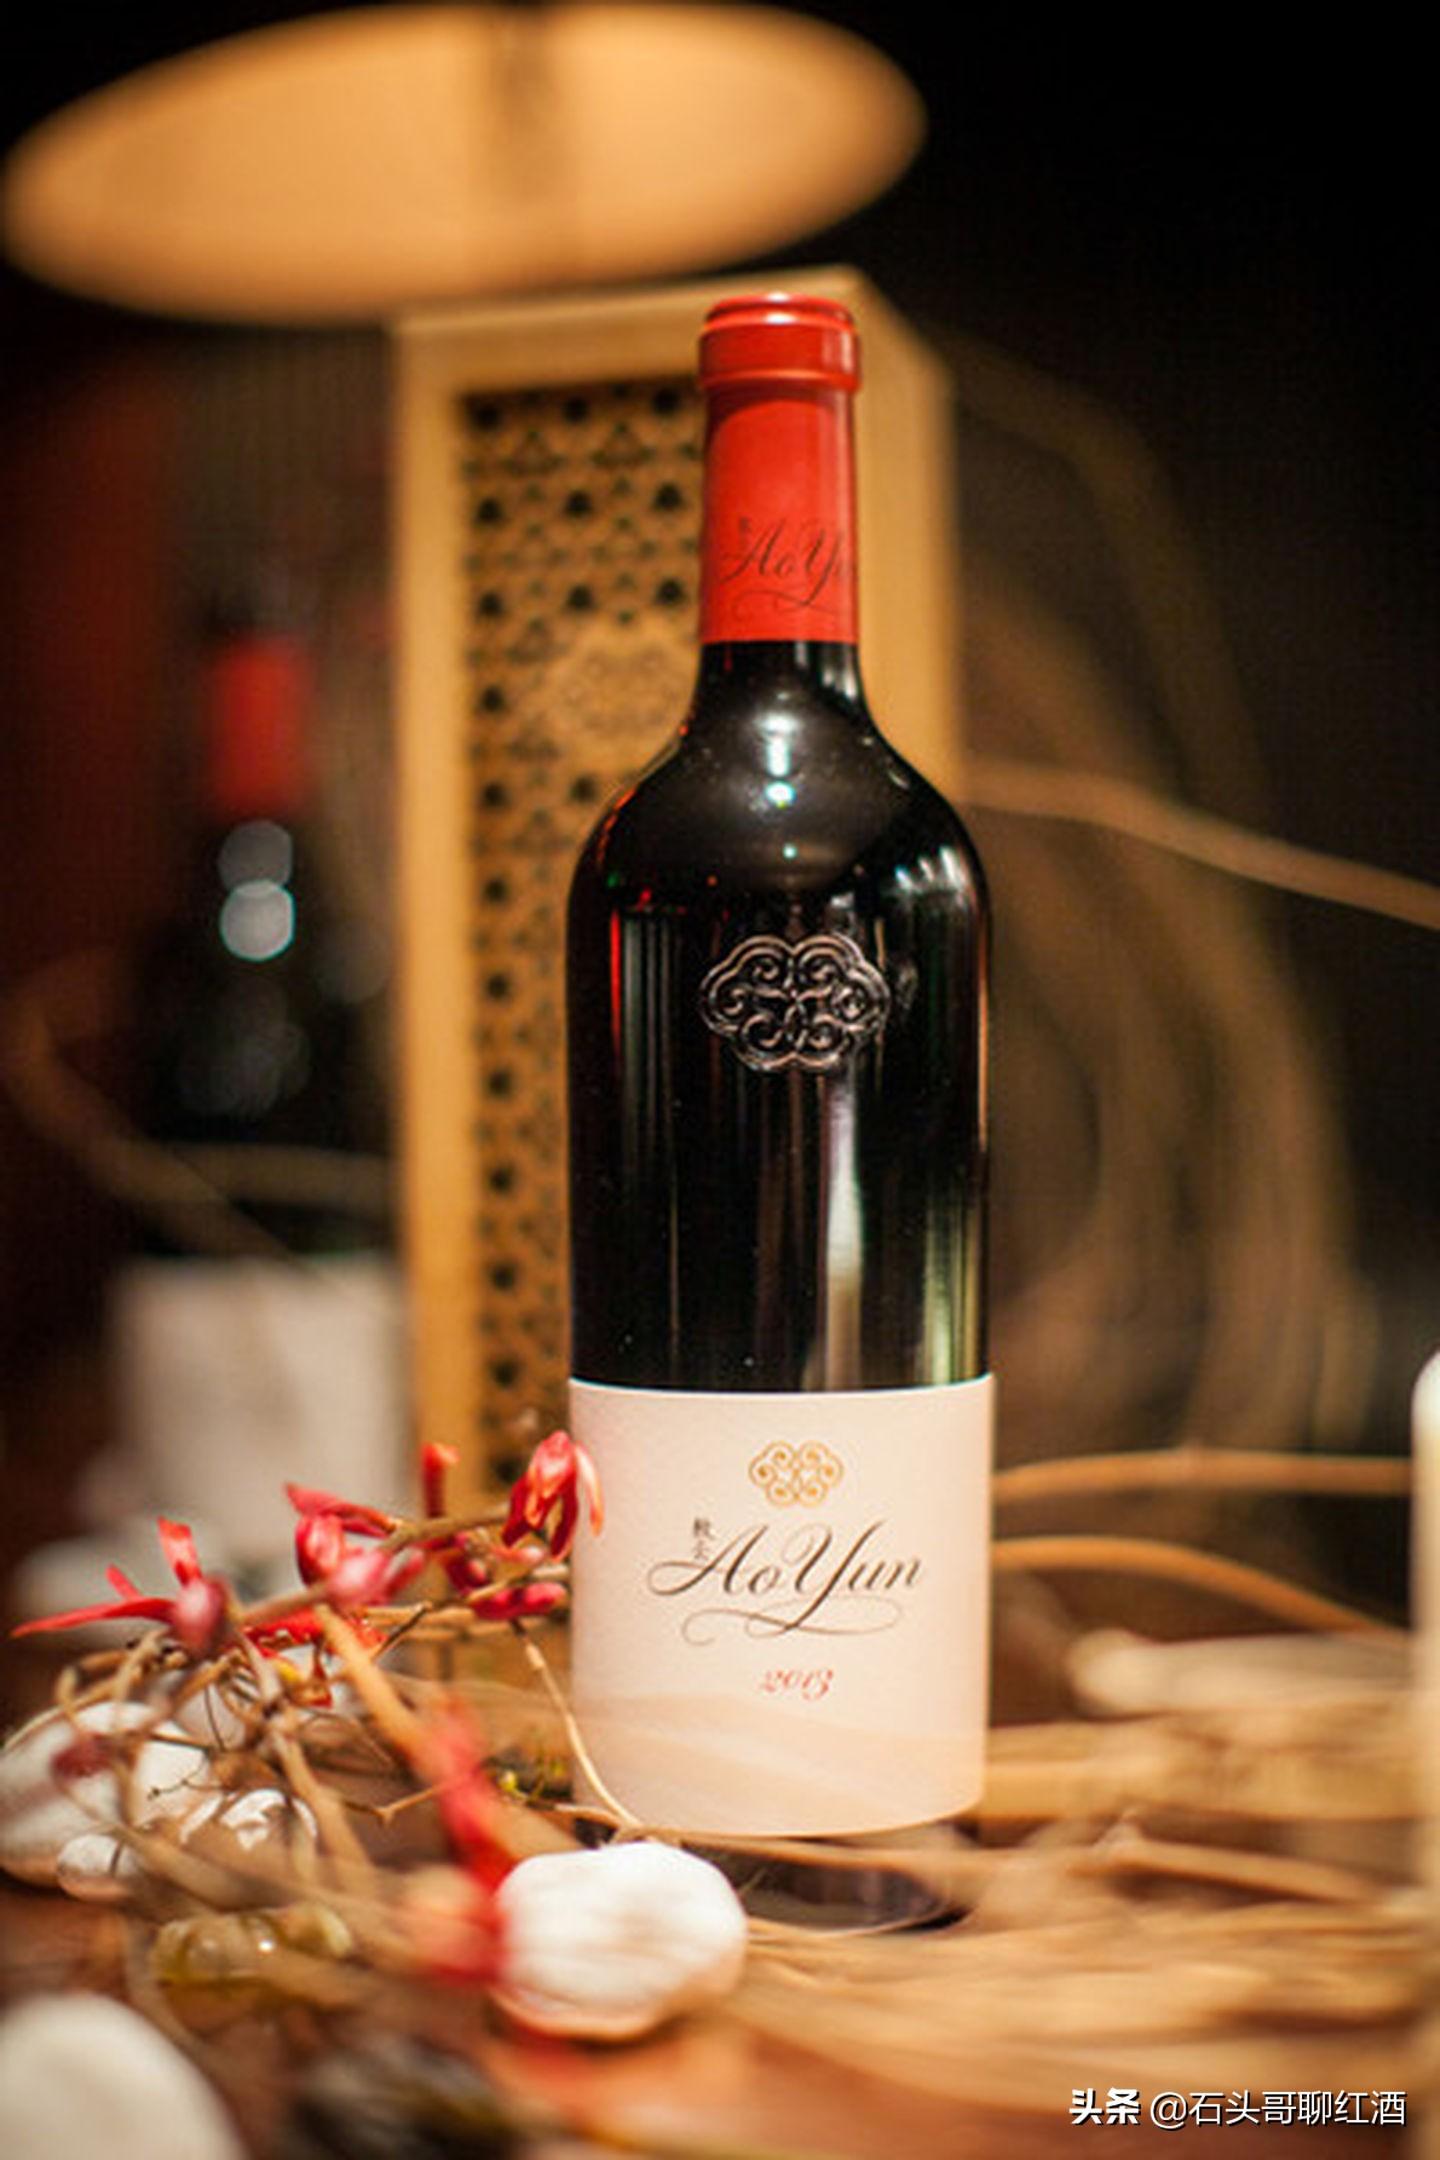 国产红酒在世界究竟是什么水平?